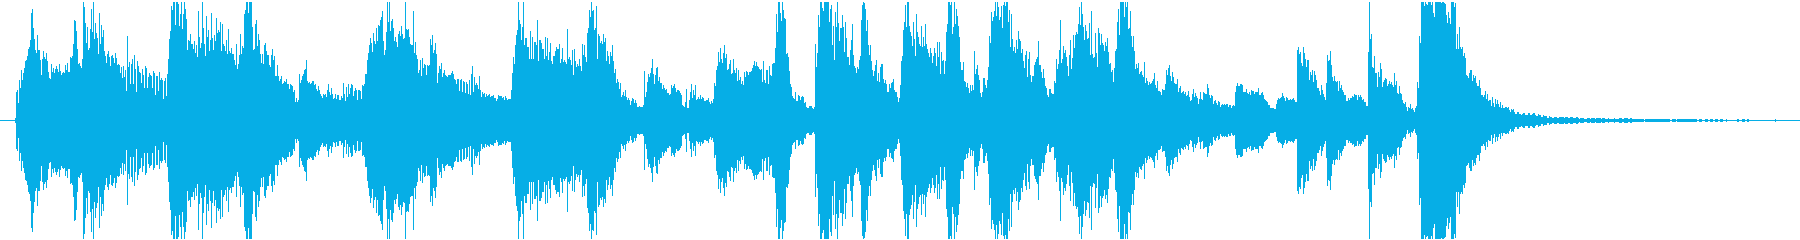 ノリノリなジャズジングルの再生済みの波形